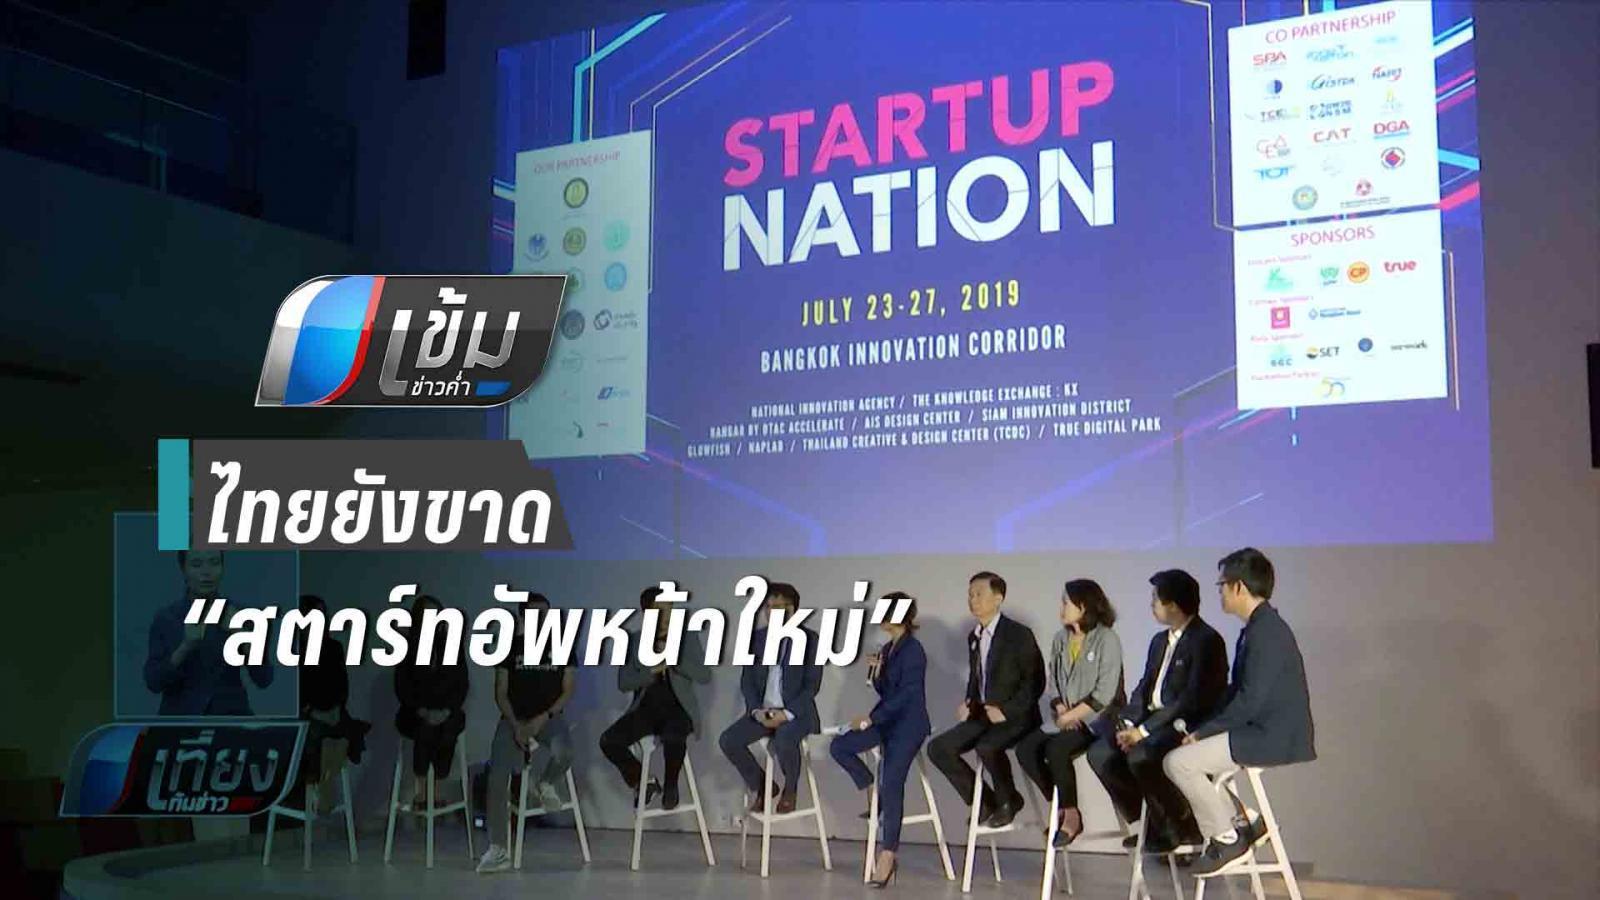 """NIA ชี้ไทยยังขาด """"สตาร์ทอัพหน้าใหม่"""" ที่มีคุณภาพ"""